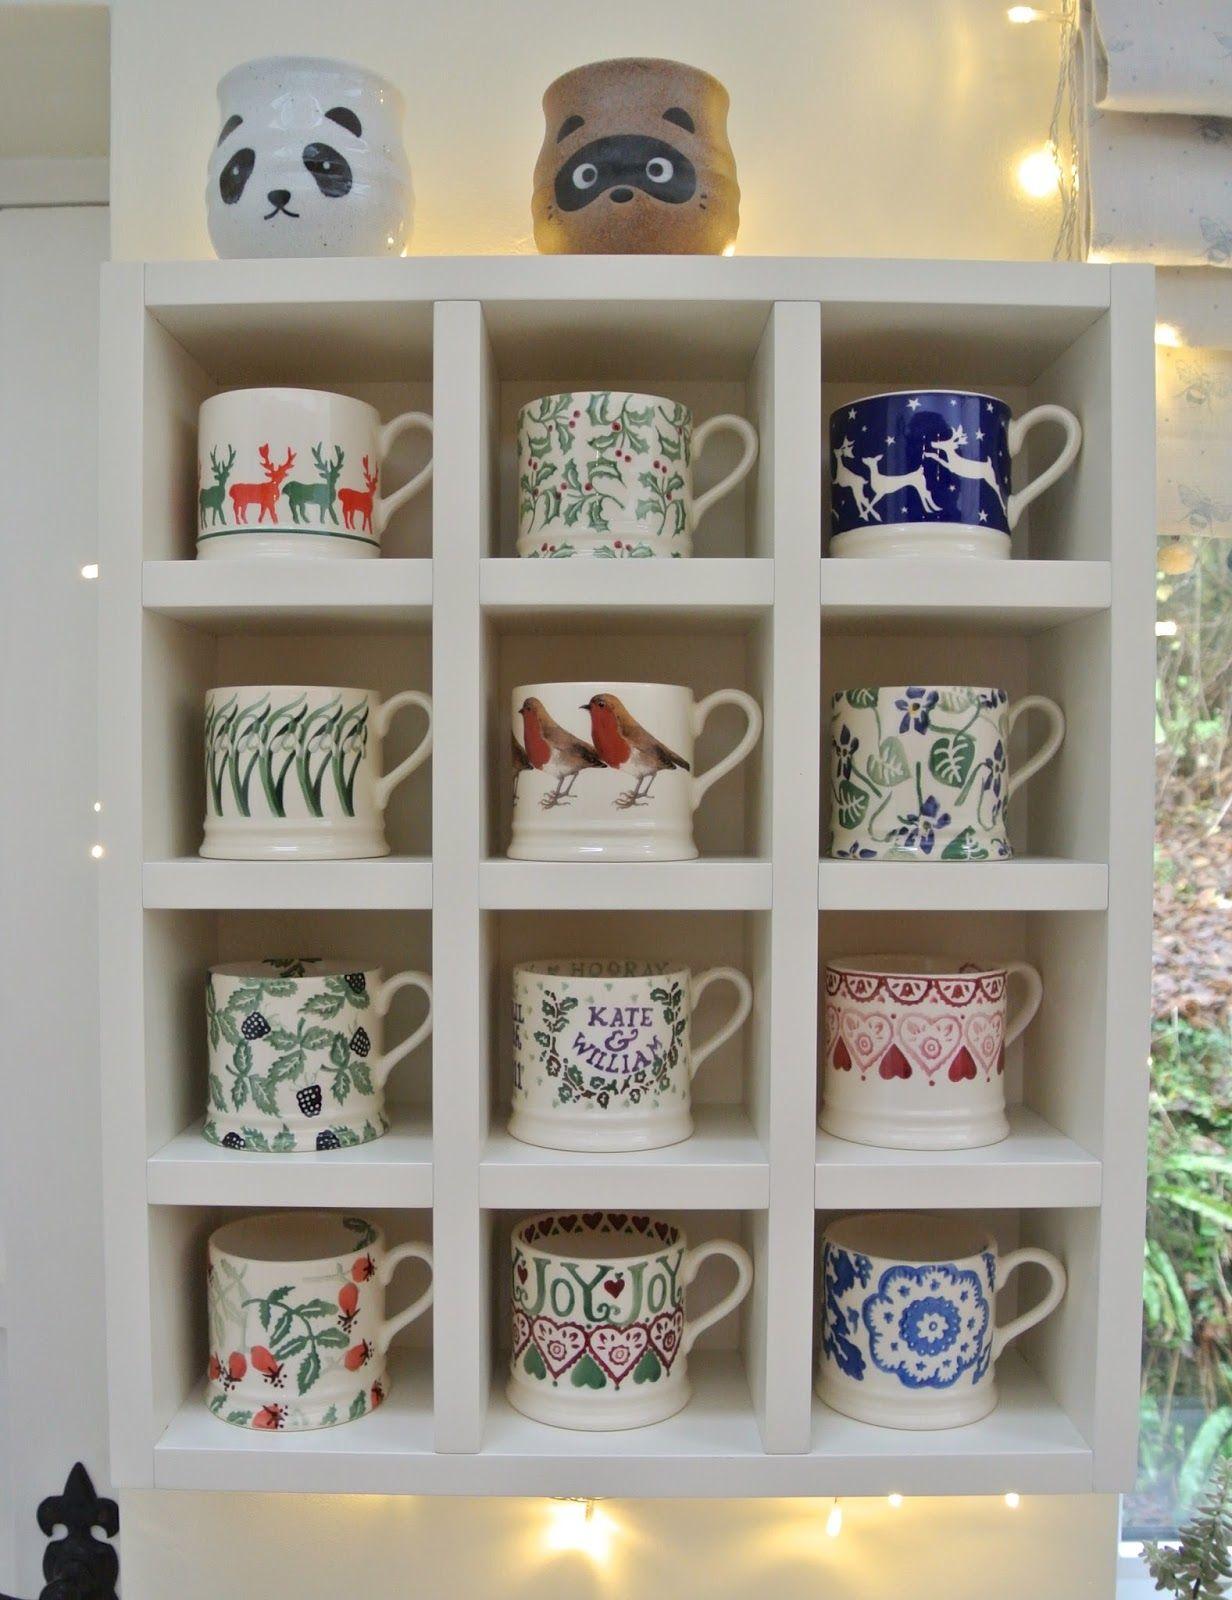 Christmas Makings And Doings With Images Emma Bridgewater Pottery Mug Display Coffee Mug Display